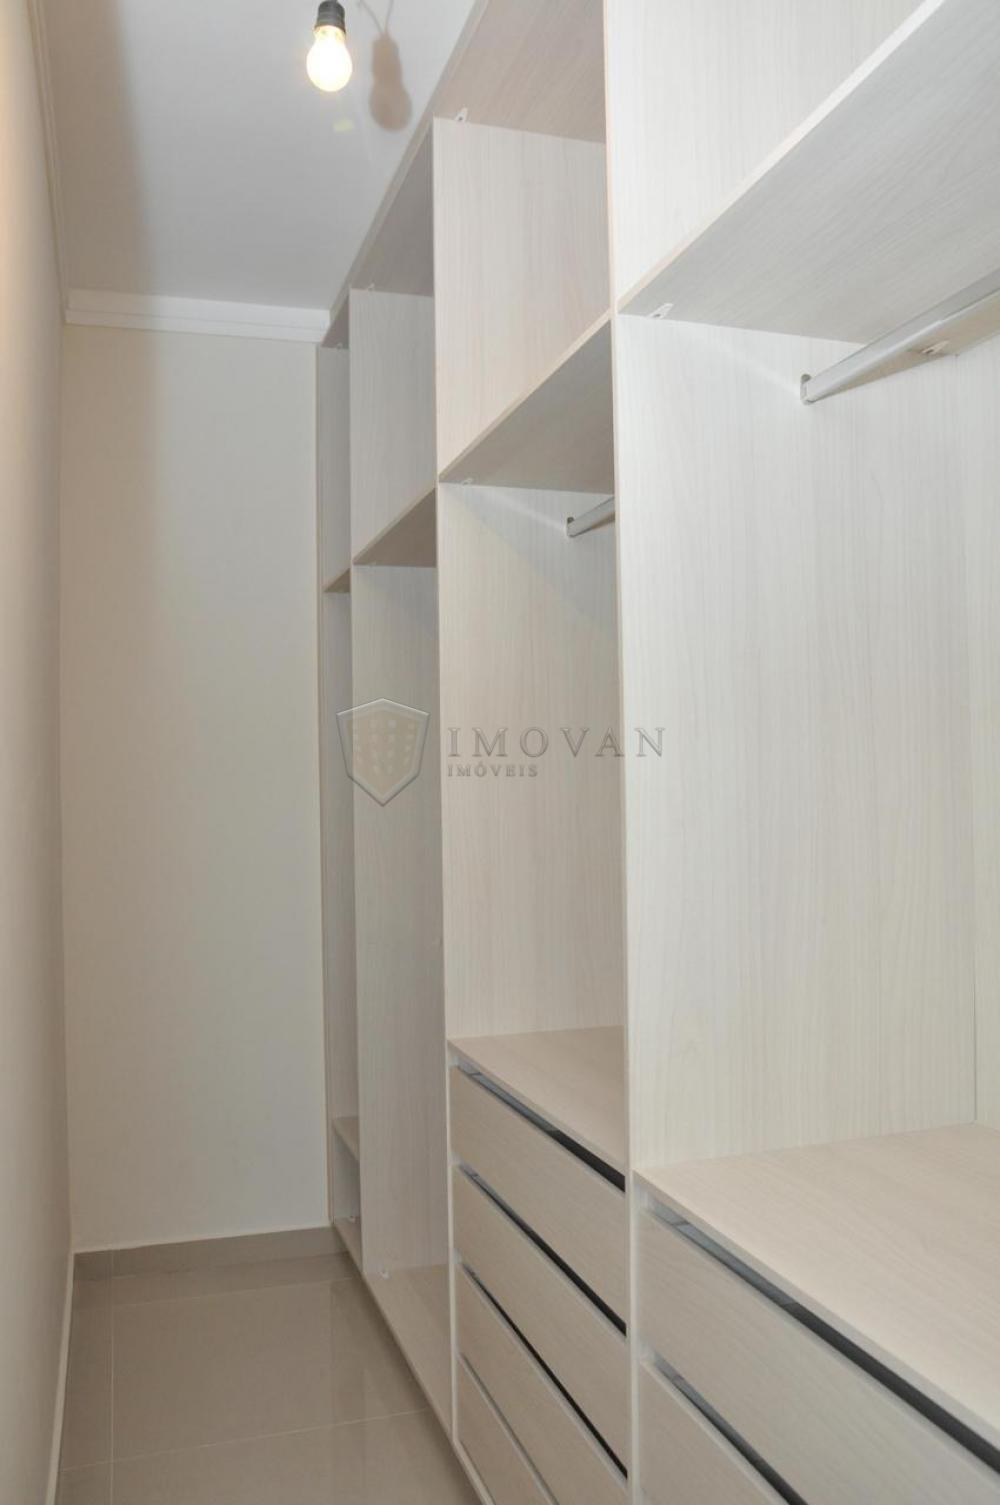 Comprar Casa / Condomínio em Bonfim Paulista apenas R$ 765.000,00 - Foto 10